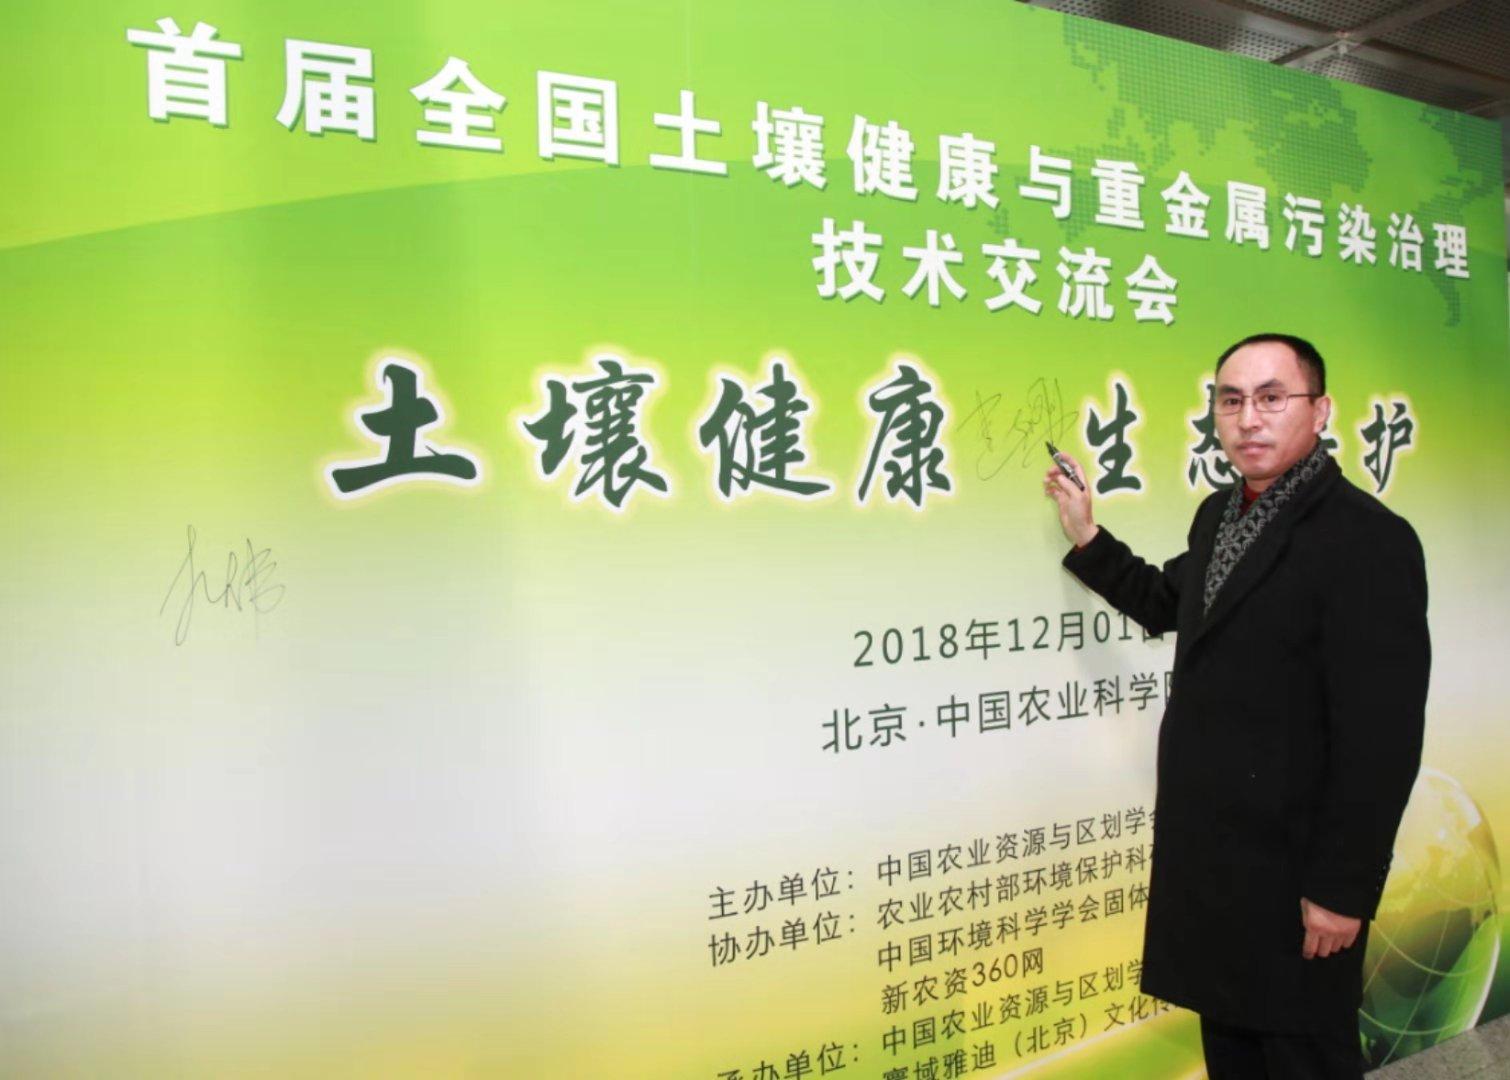 吉林省地禾农业科技集团有限公司应邀出席